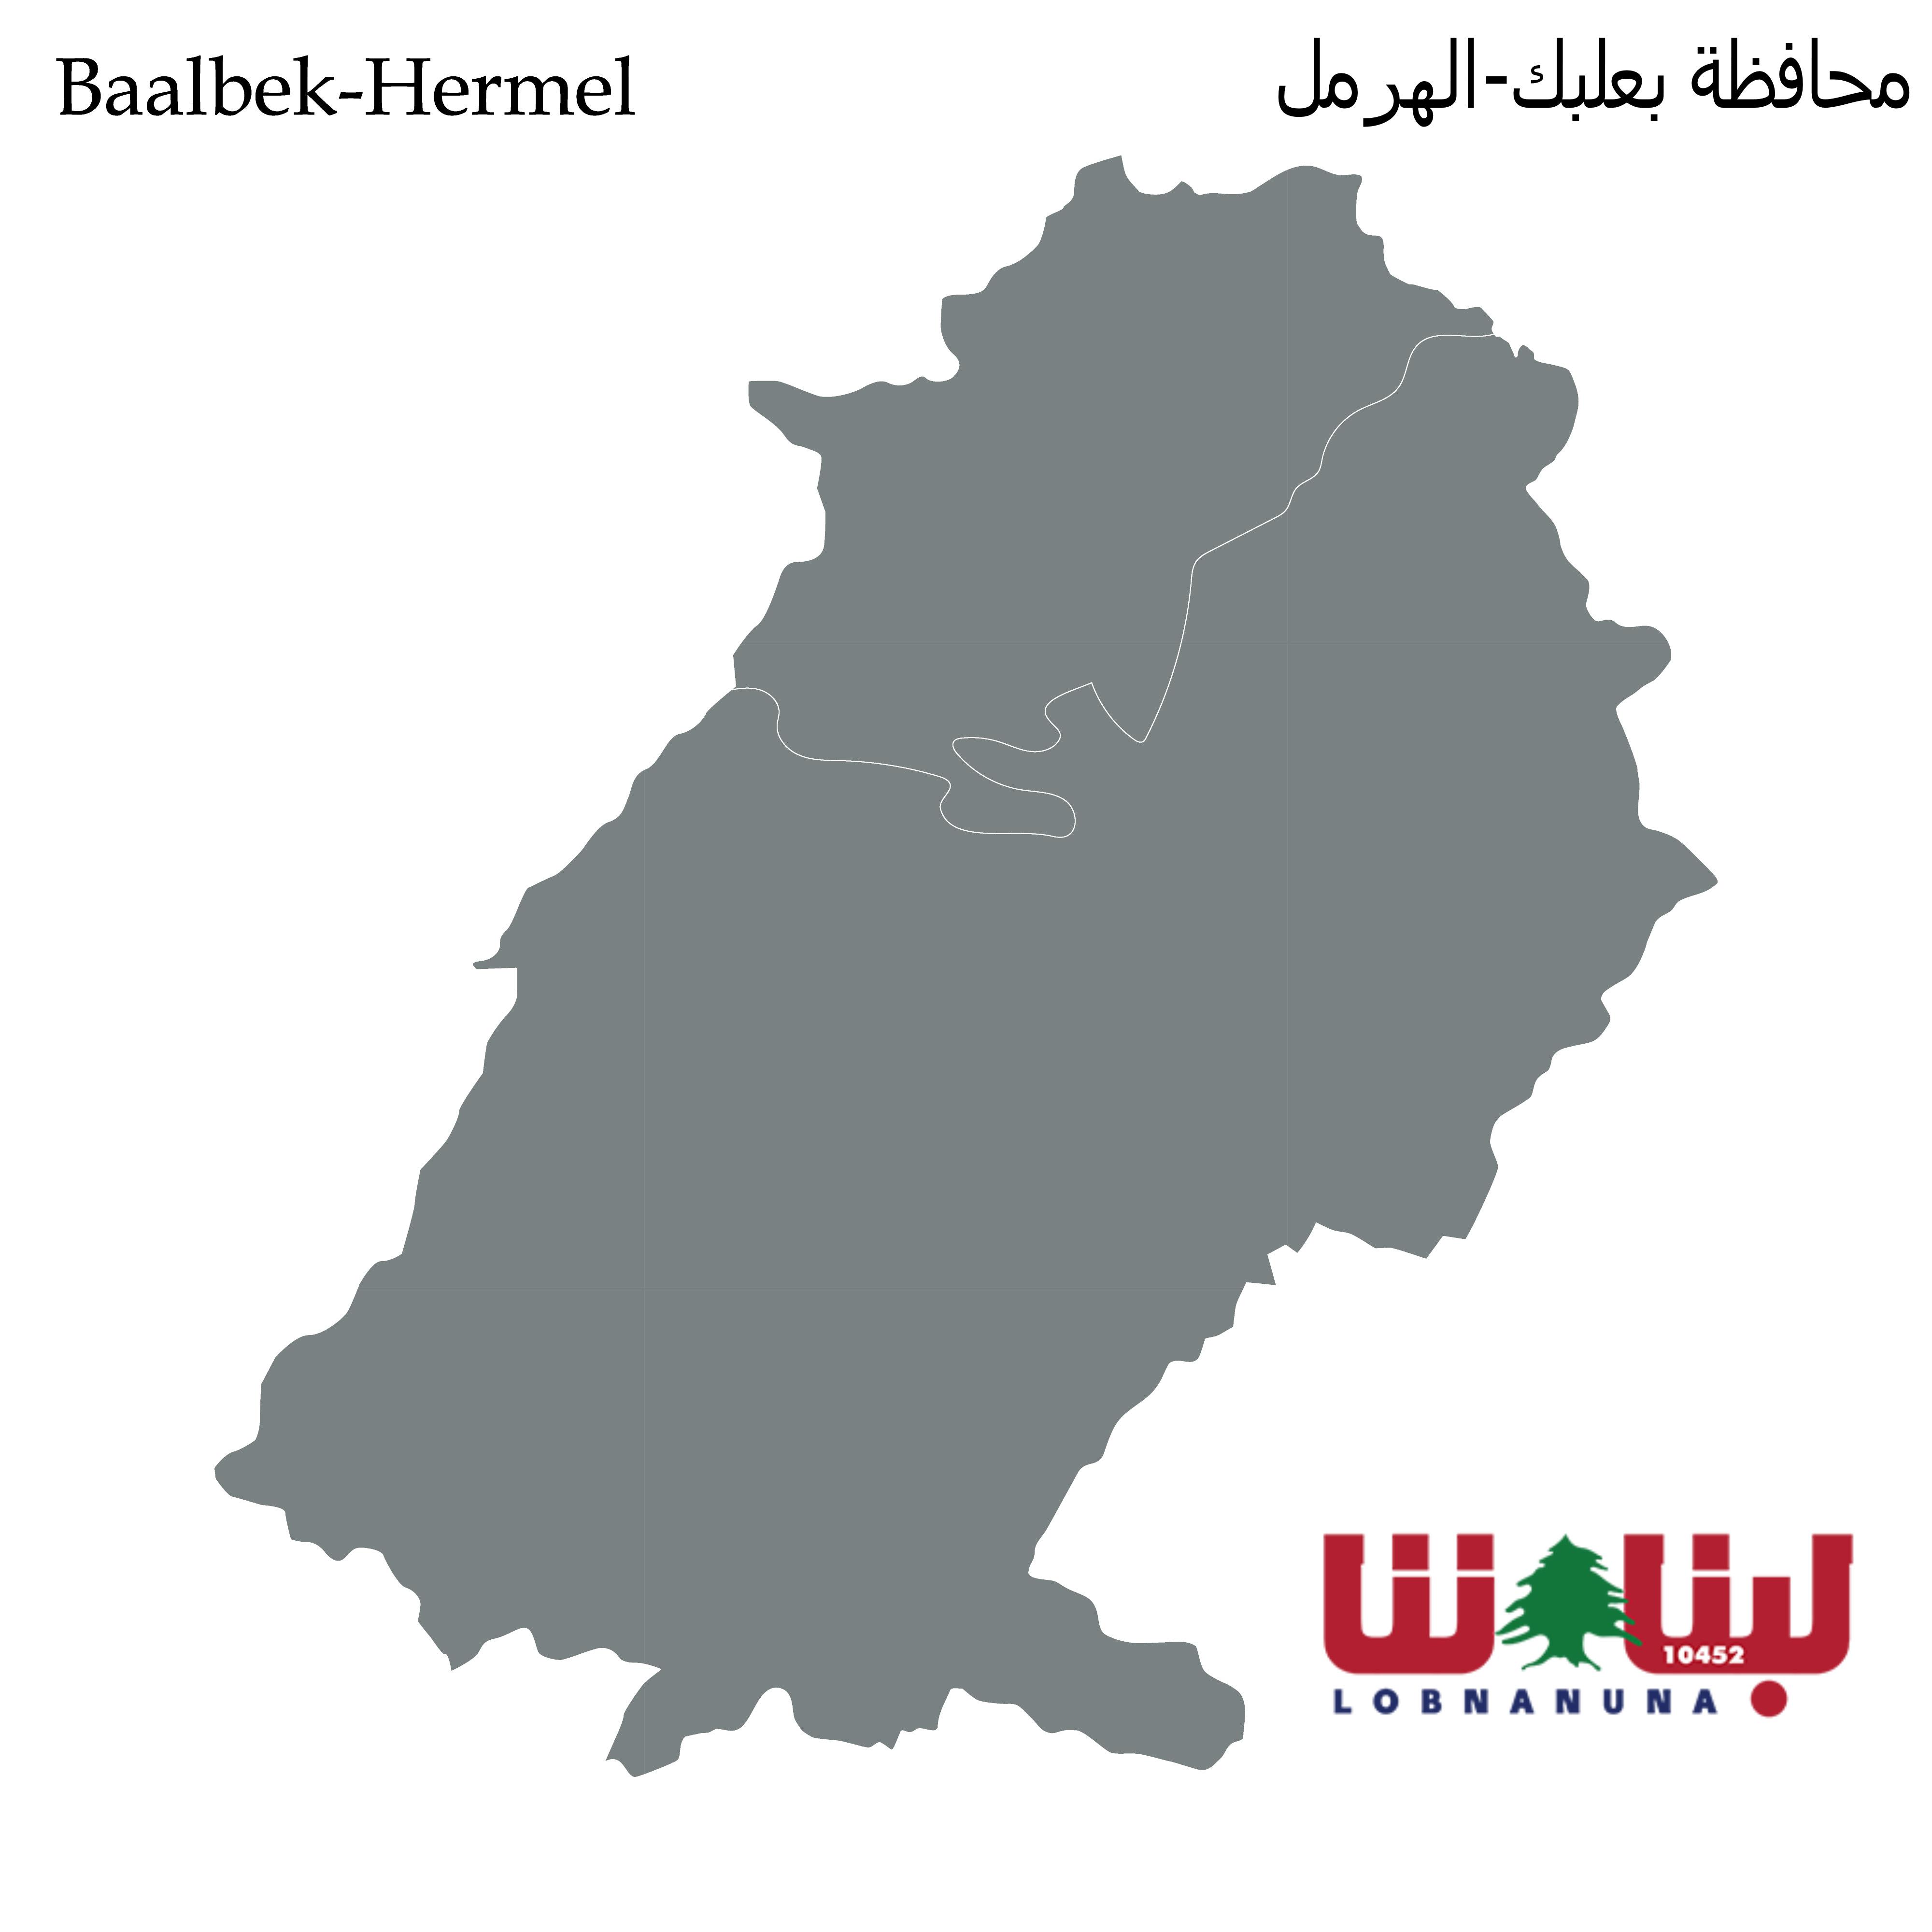 صورة  منمحافظة بعلبك الهرمل